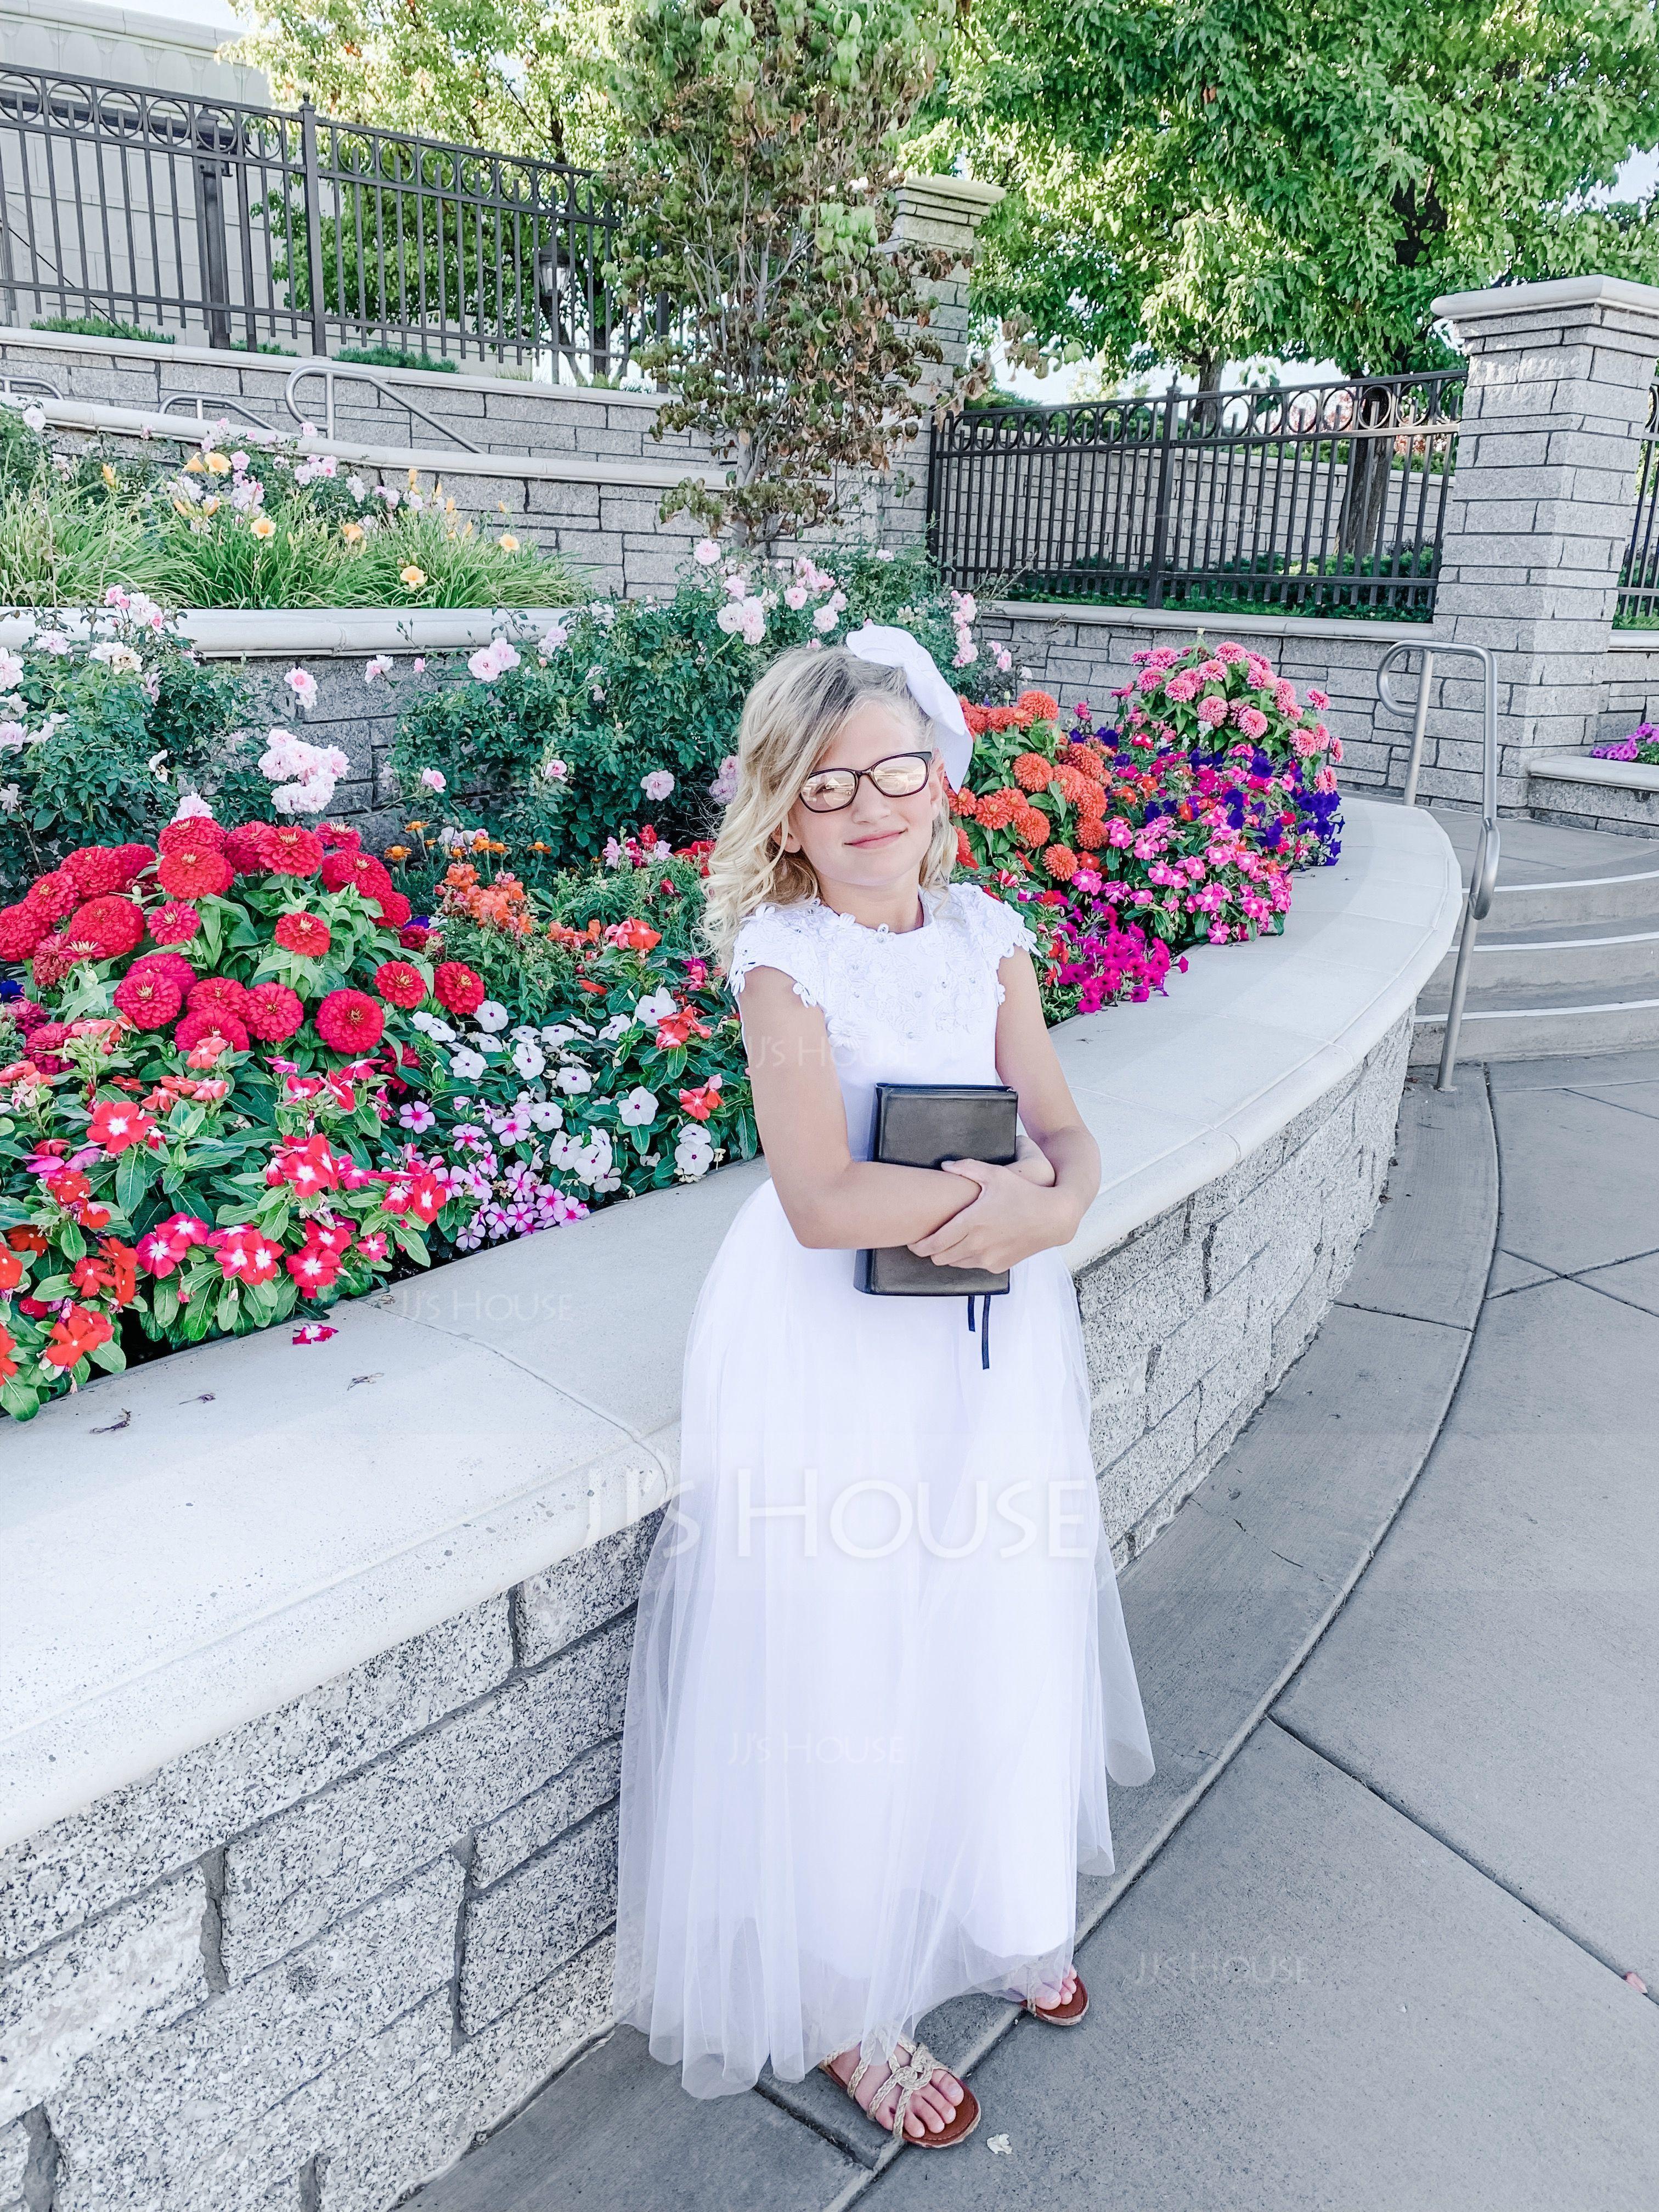 Gala-Japon Vloer lengte Bloemenmeisjesjurken - Satijn/Tule Mouwloos Ronde Hals met Kralen/Applicaties Kant (010092939)